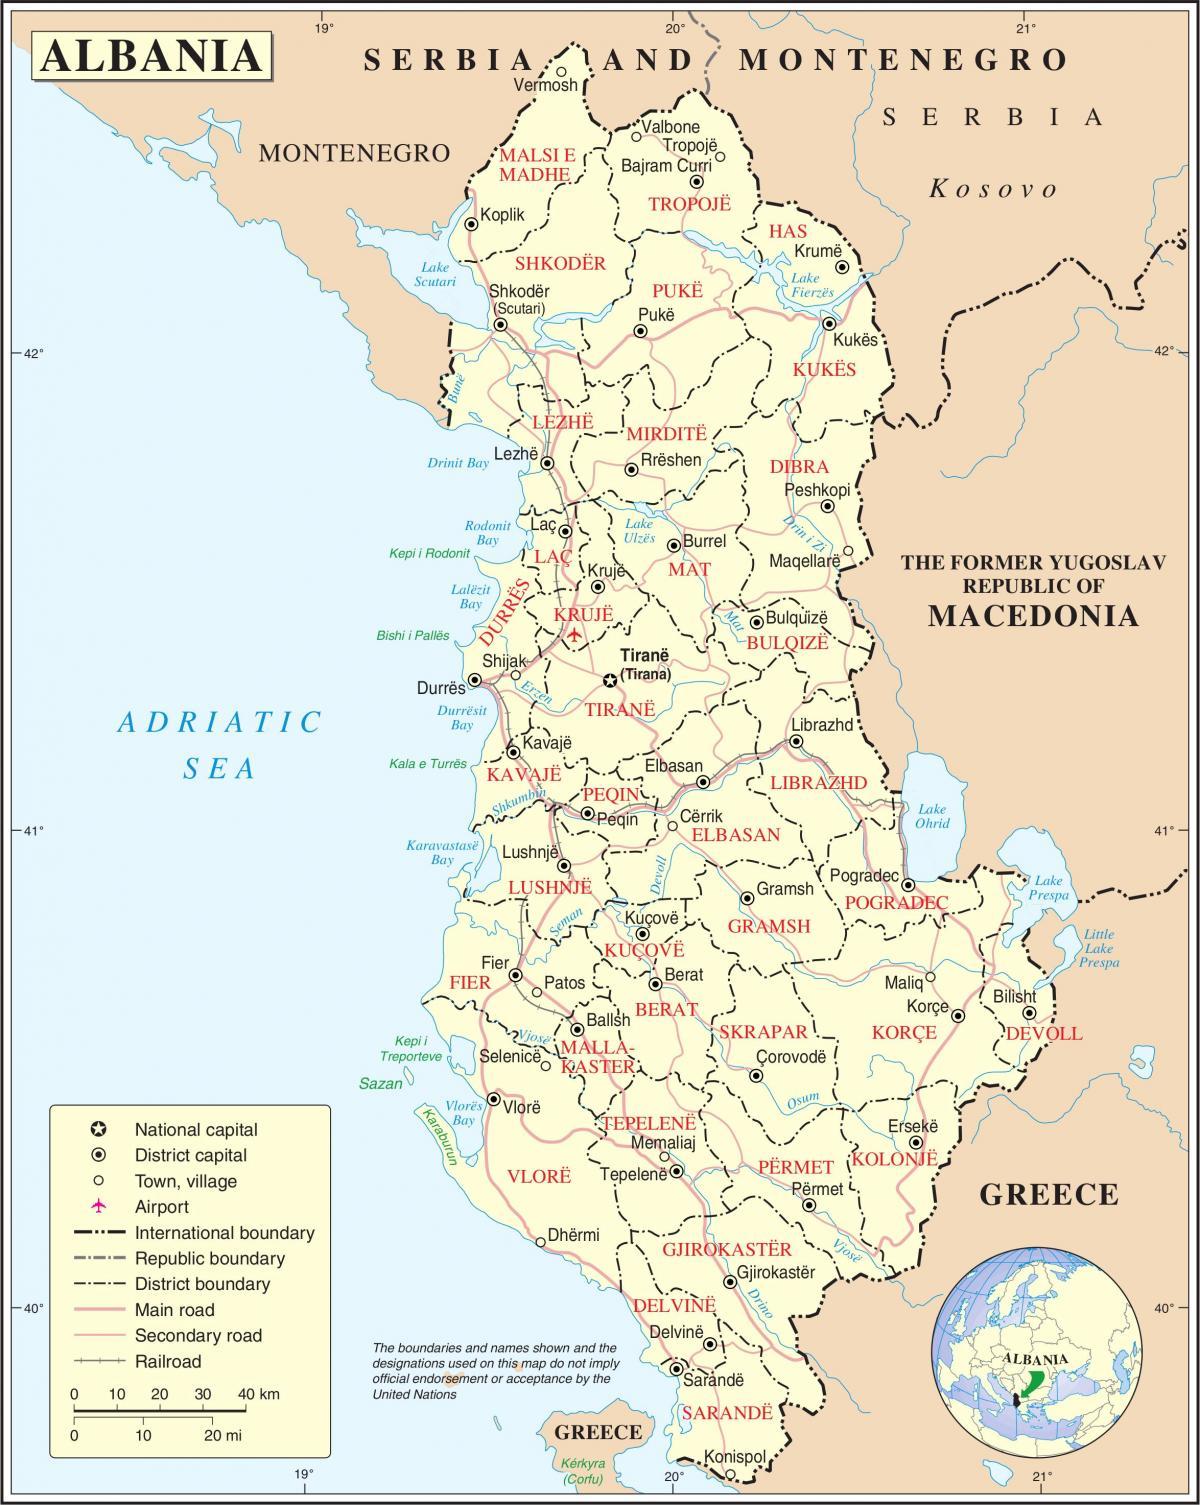 albania kart Albania kart byer   Kart over Albania med byer (Sør Europa   Europa) albania kart